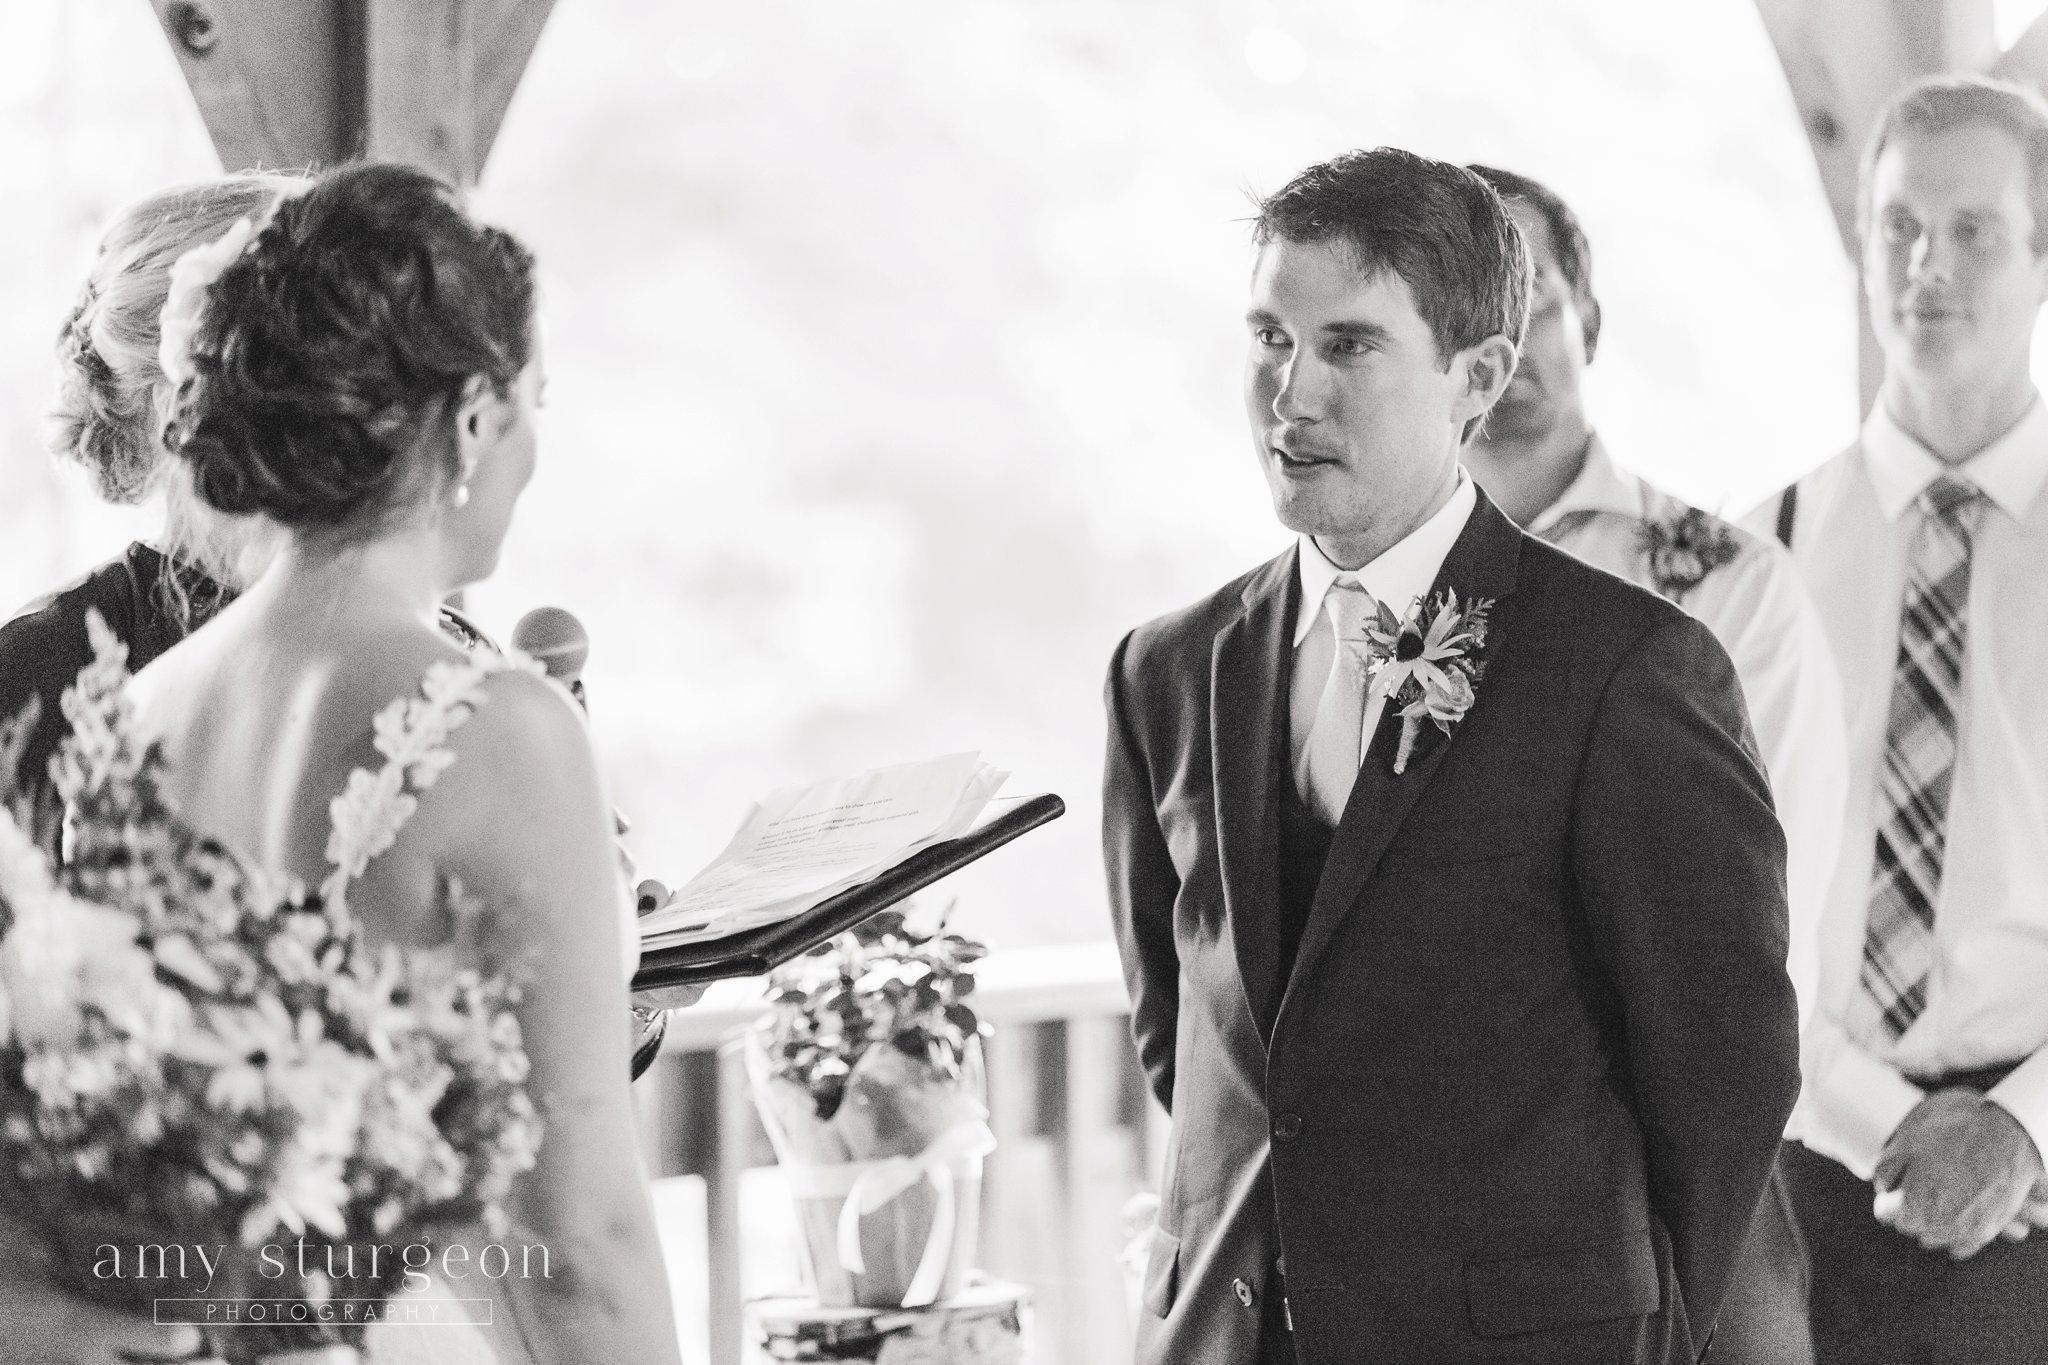 amy-sturgeon-photography_stonefields-wedding_ottawa_1315